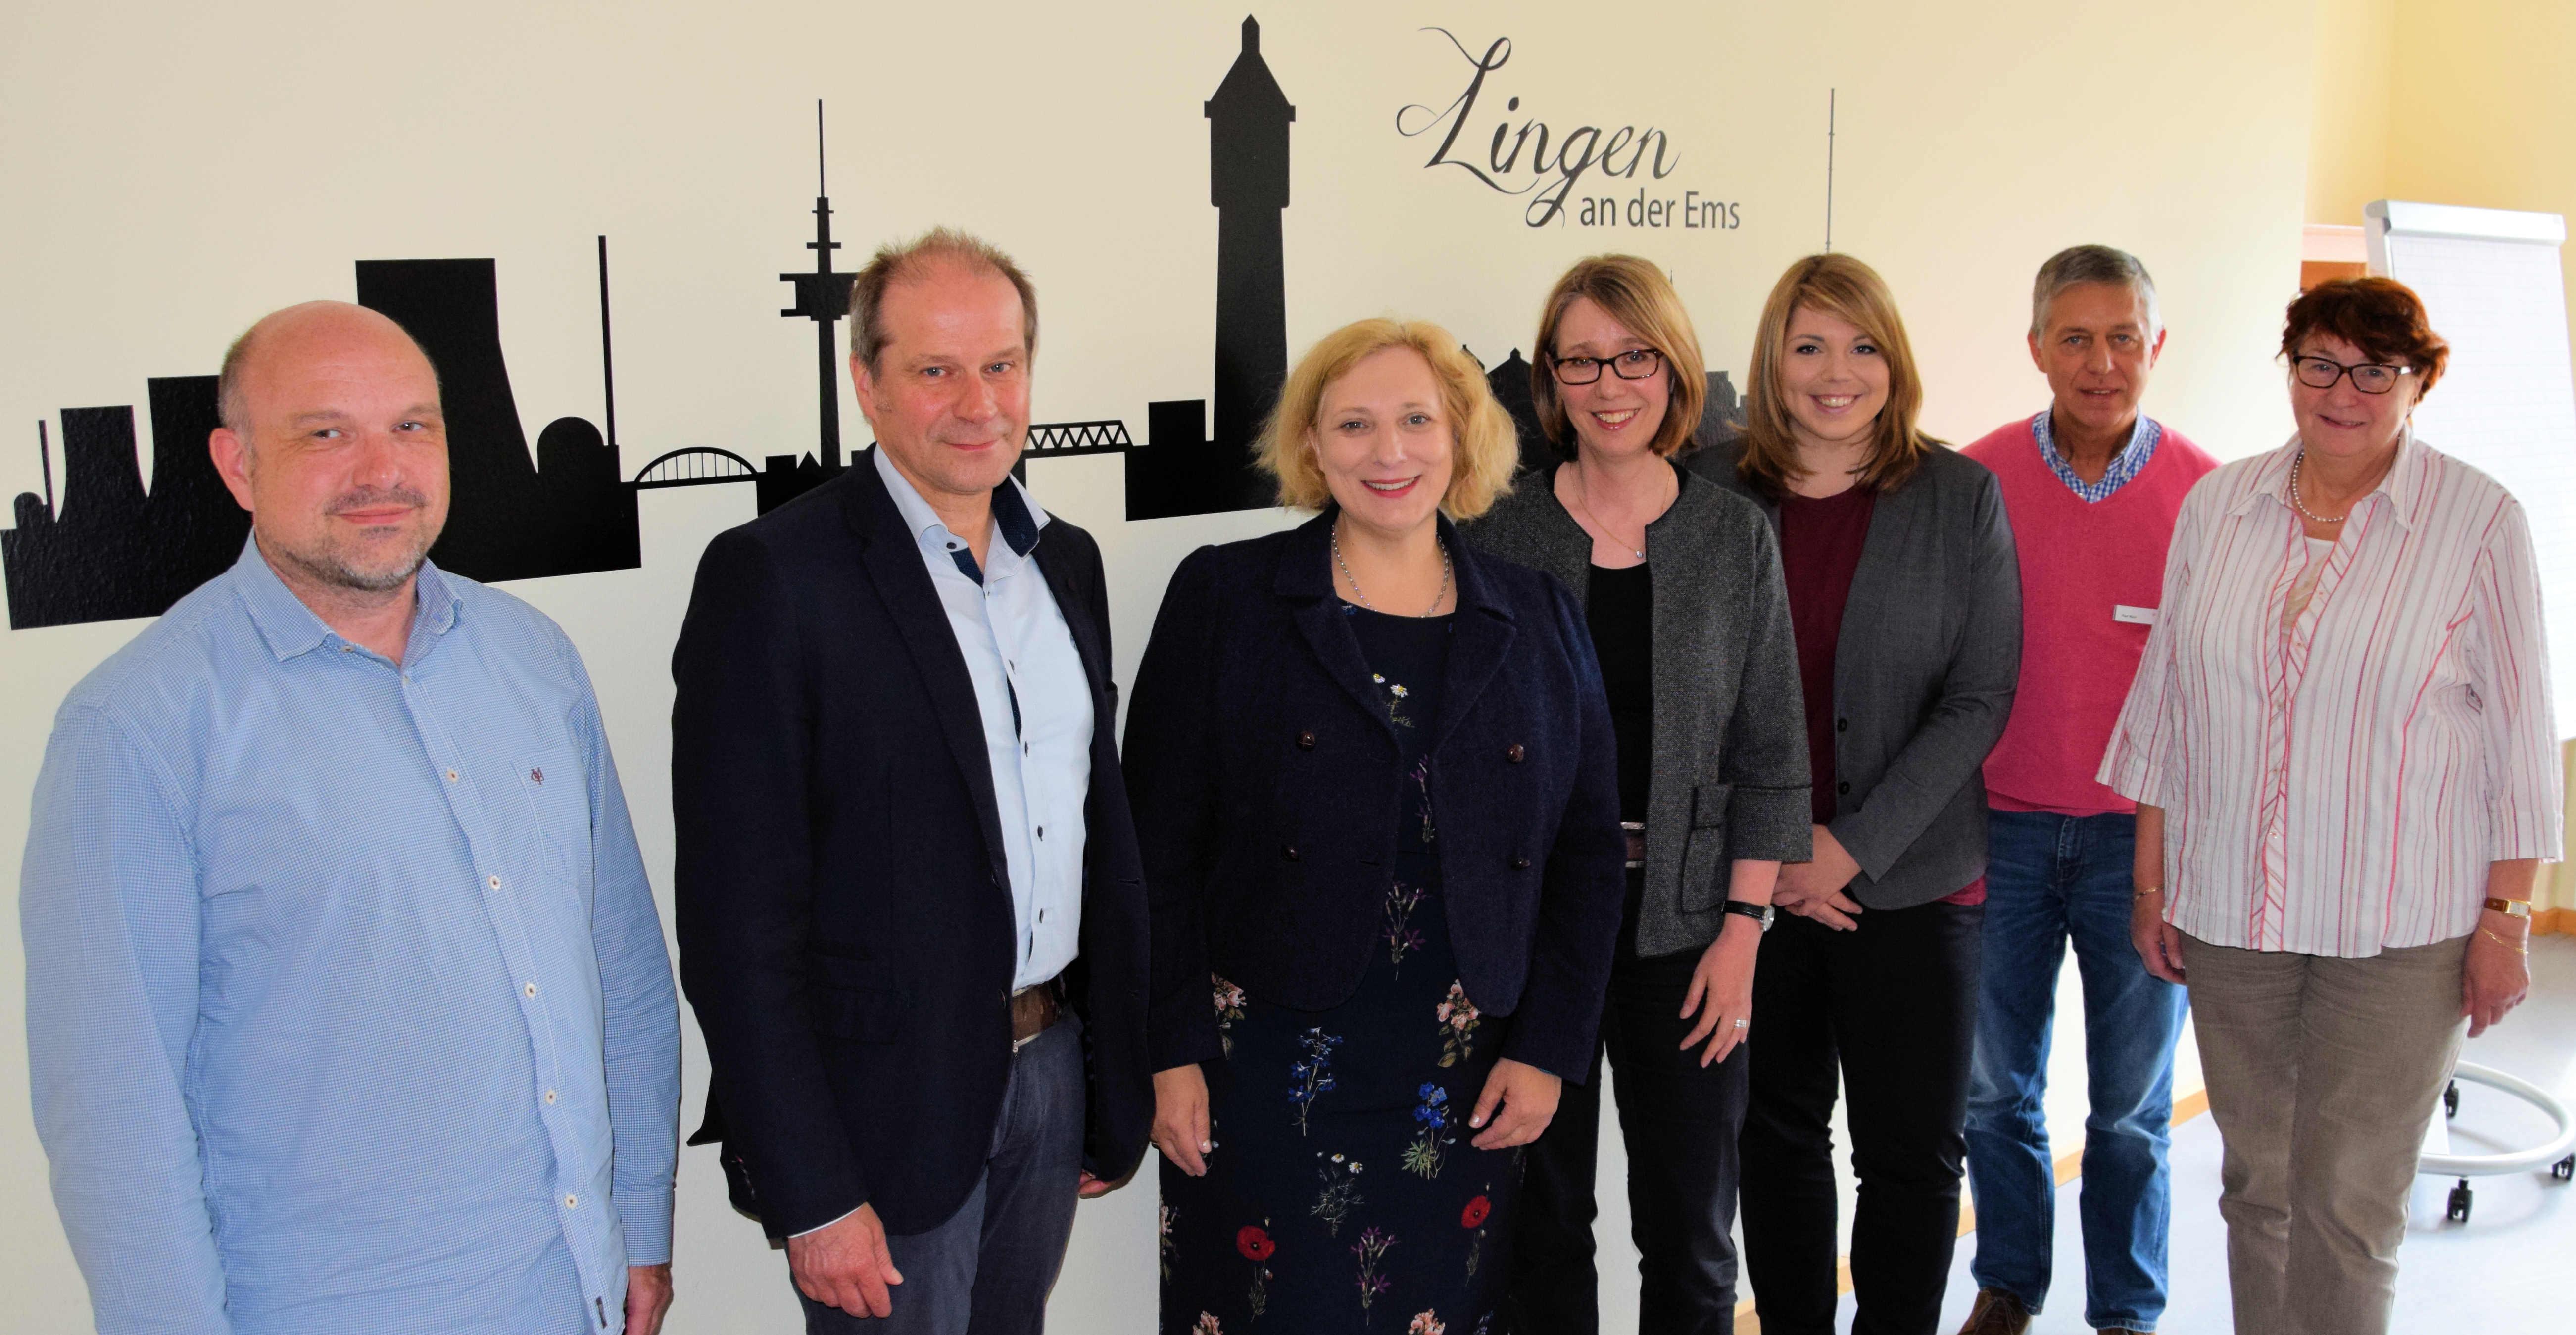 V.l.n.r.: Carsten Primke, Lothar Schreinemacher, Dr. Daniela De Ridder, Monika Schwegmann, Vanessa Gattung, Paul Moss und Edeltraut Graeßner